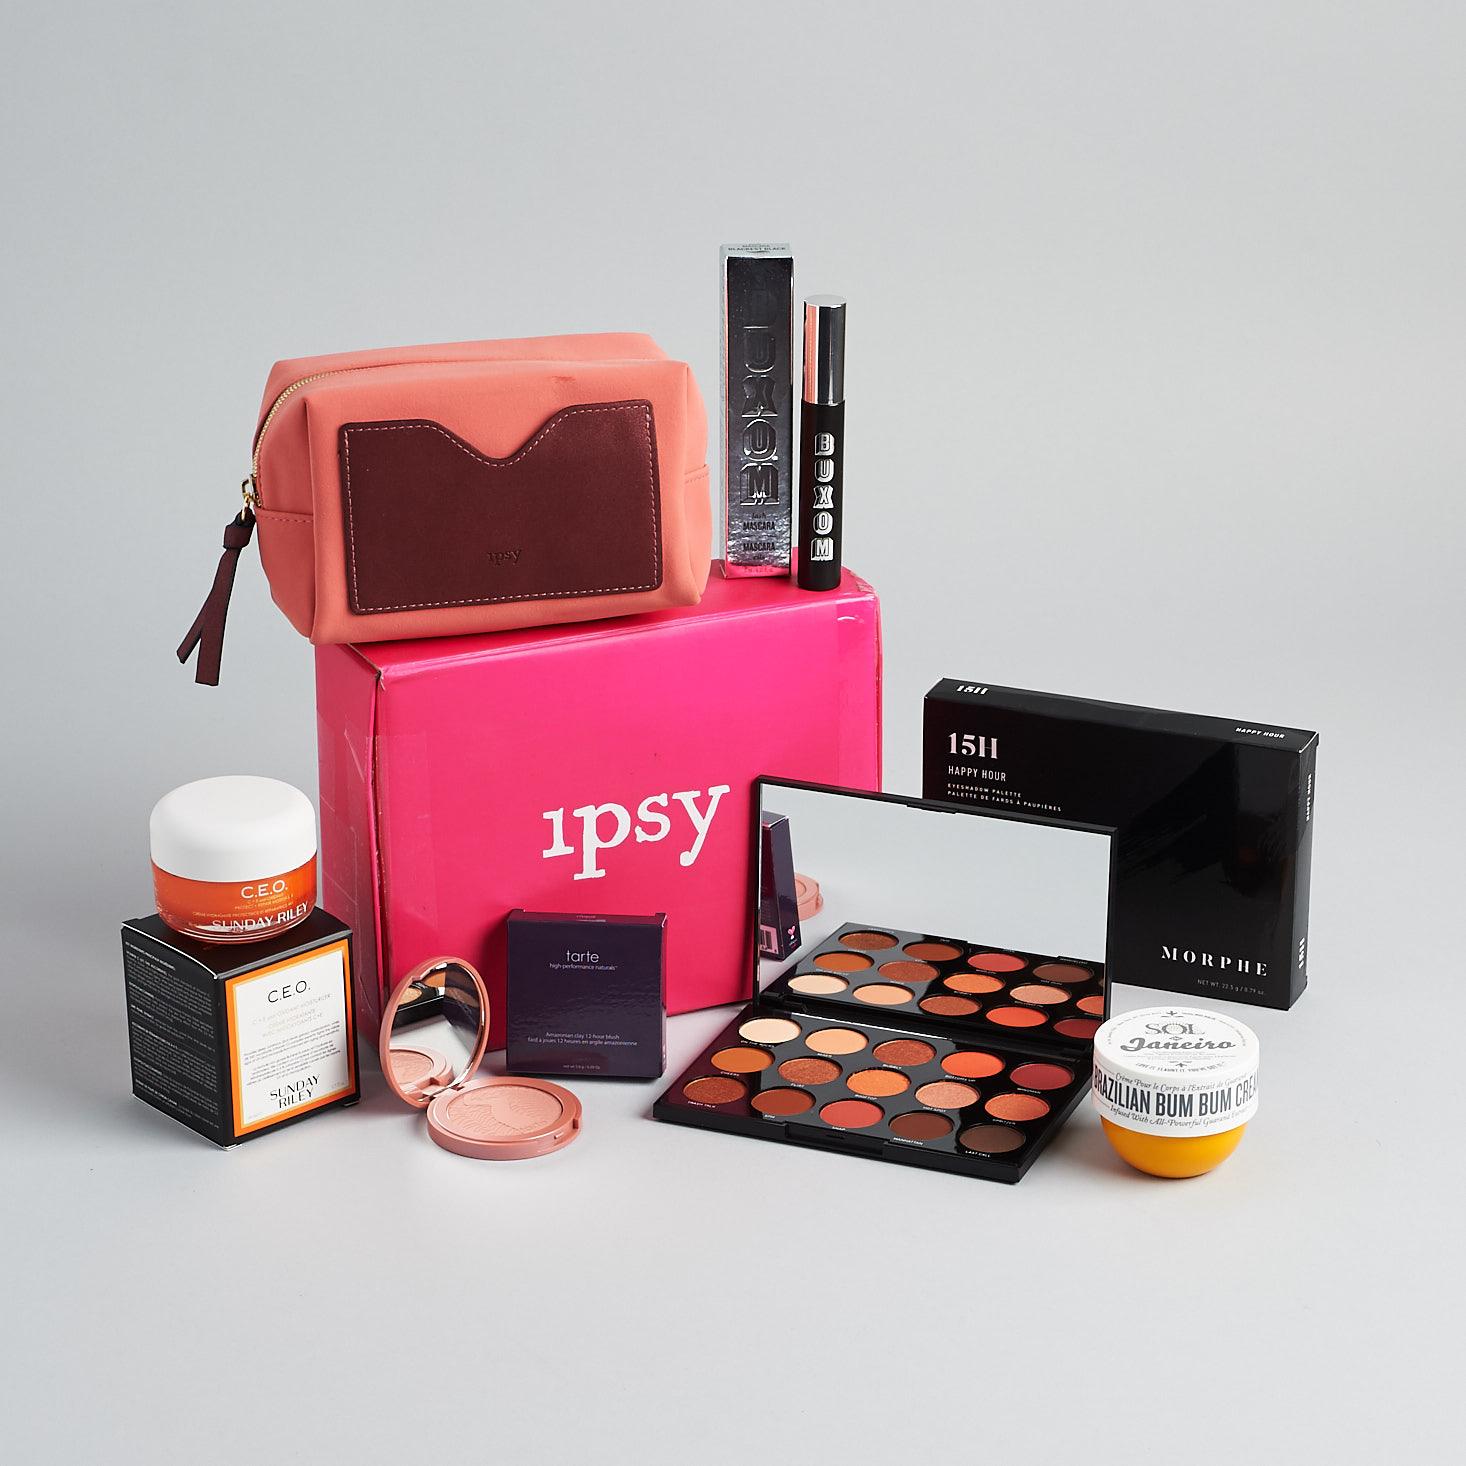 Ipsy - Glam Bag